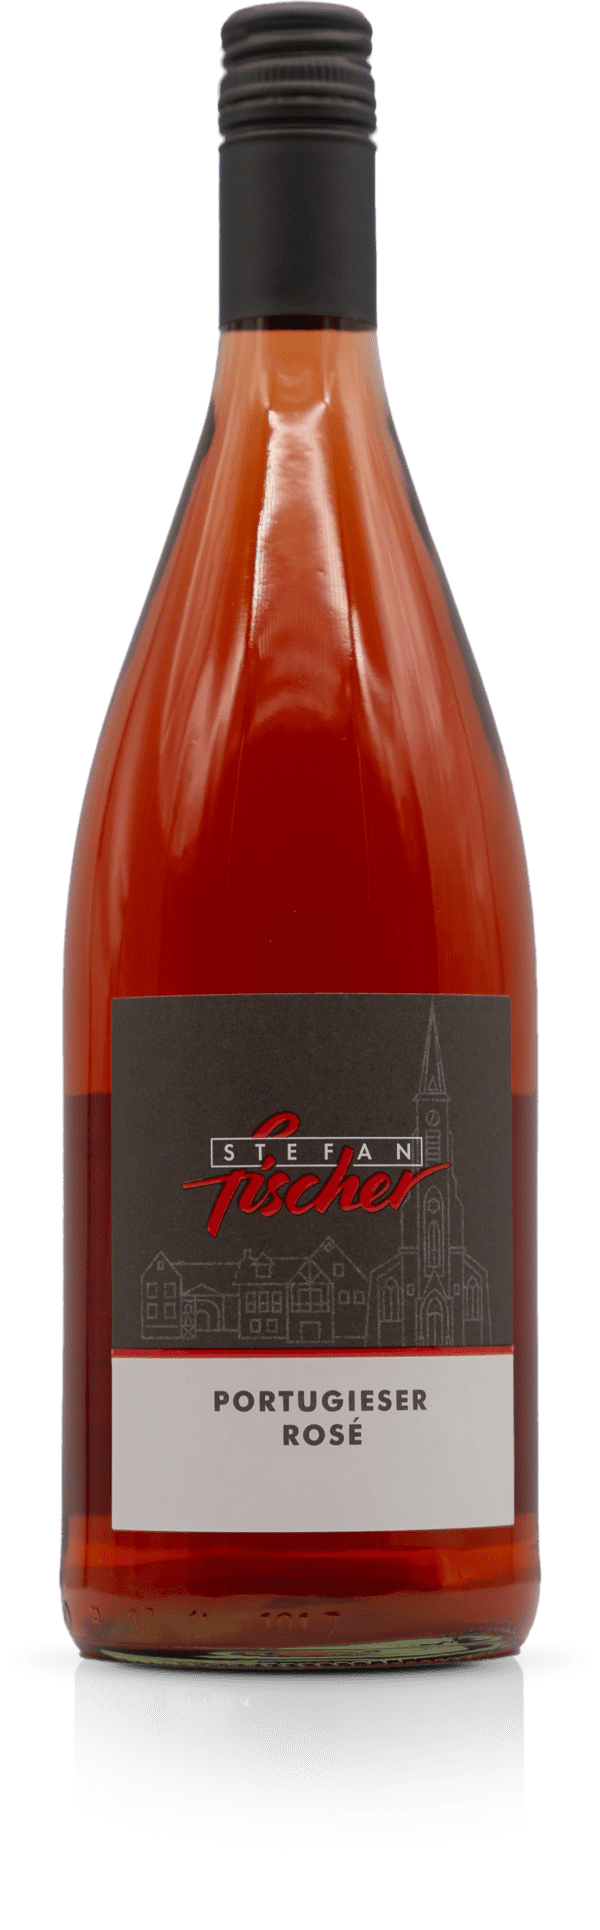 Weingut Stefan Fischer PORTUGIESER ROSÉ